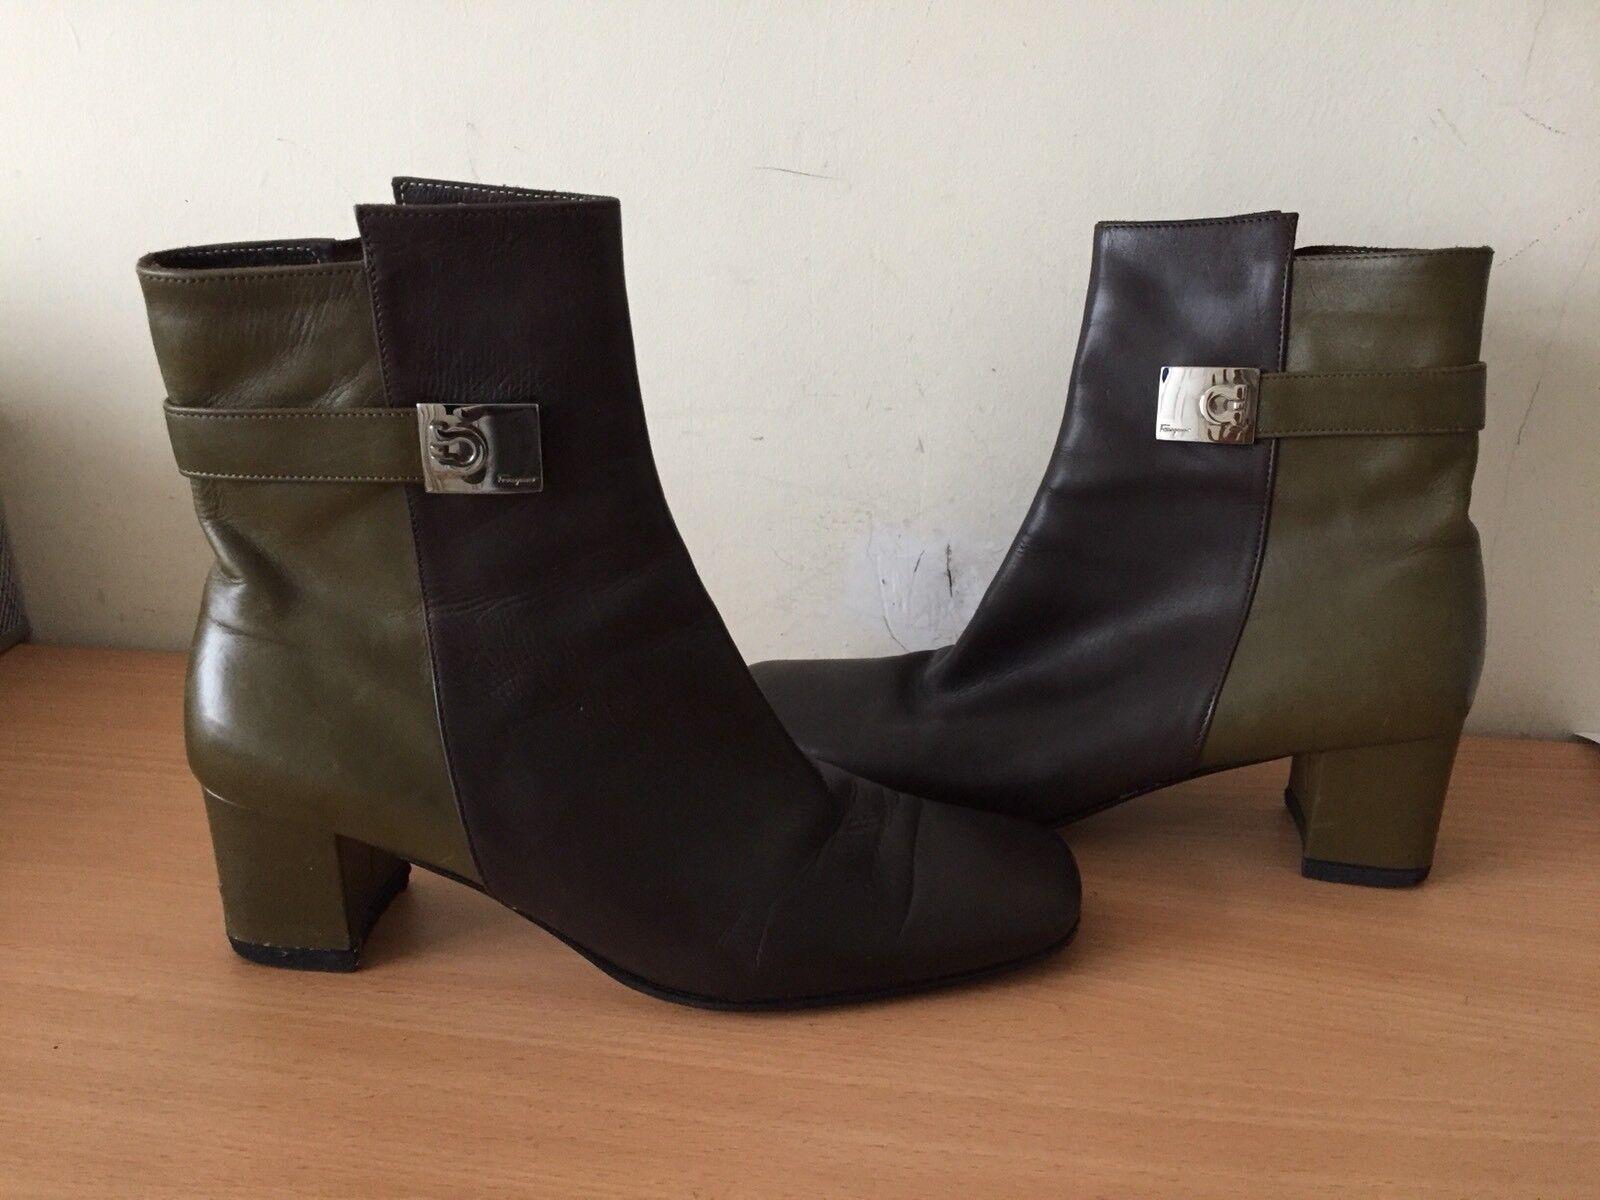 Salvatore Ferragamo 36, UK 3 marrón, botas de Color caqui